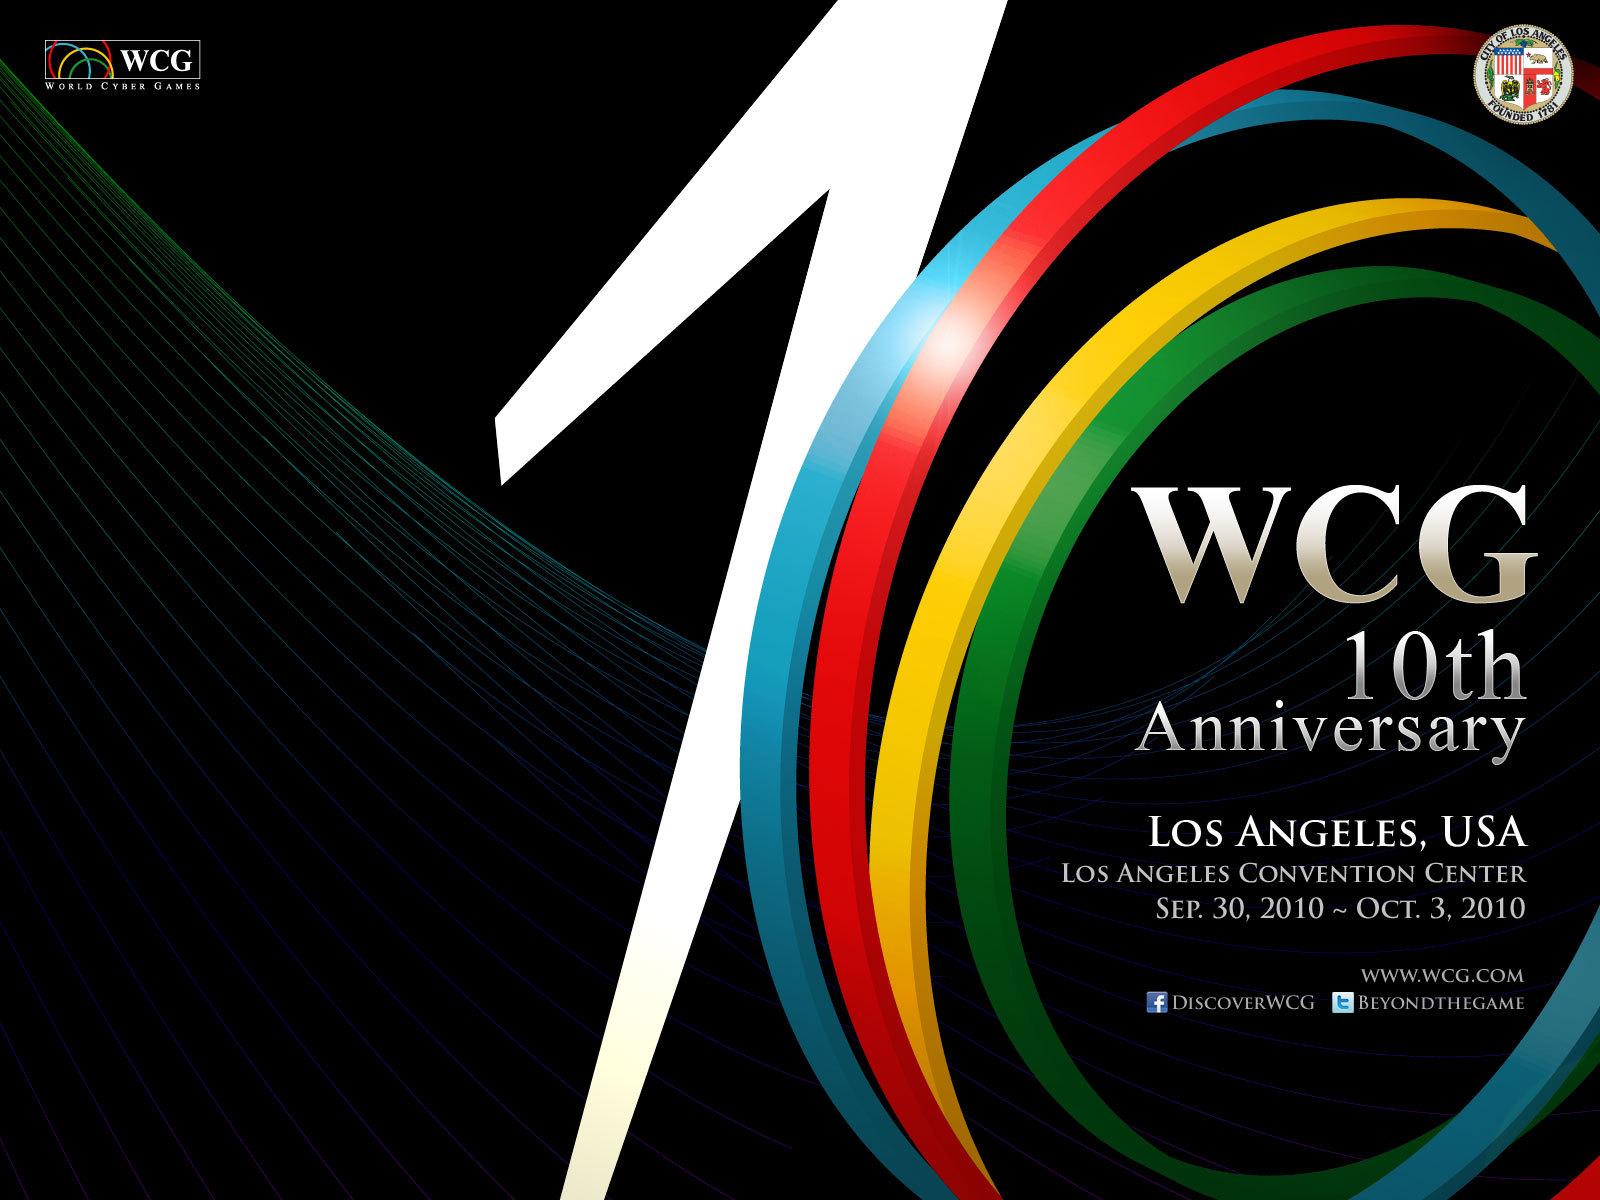 wcg - 世界电子竞技大赛编辑词条